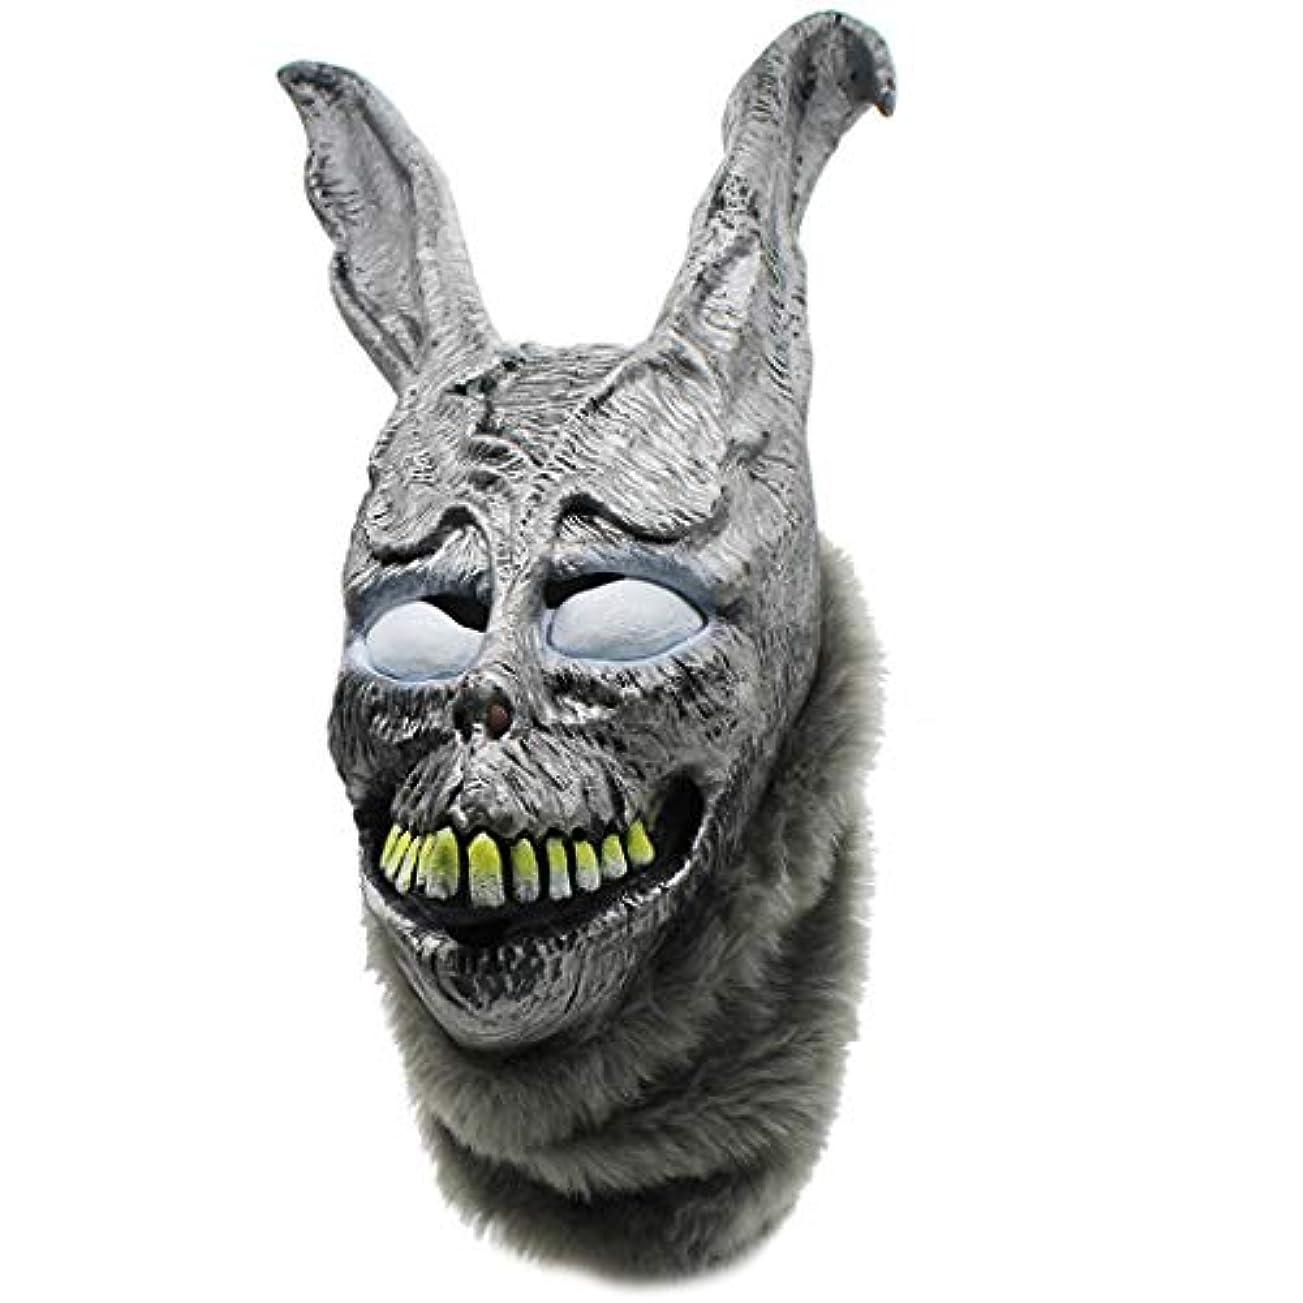 素人選挙モンキー怒っているウサギのマスクフランク悪シルバーラビットアニマルヘッドギアパーティーアニマルマスク